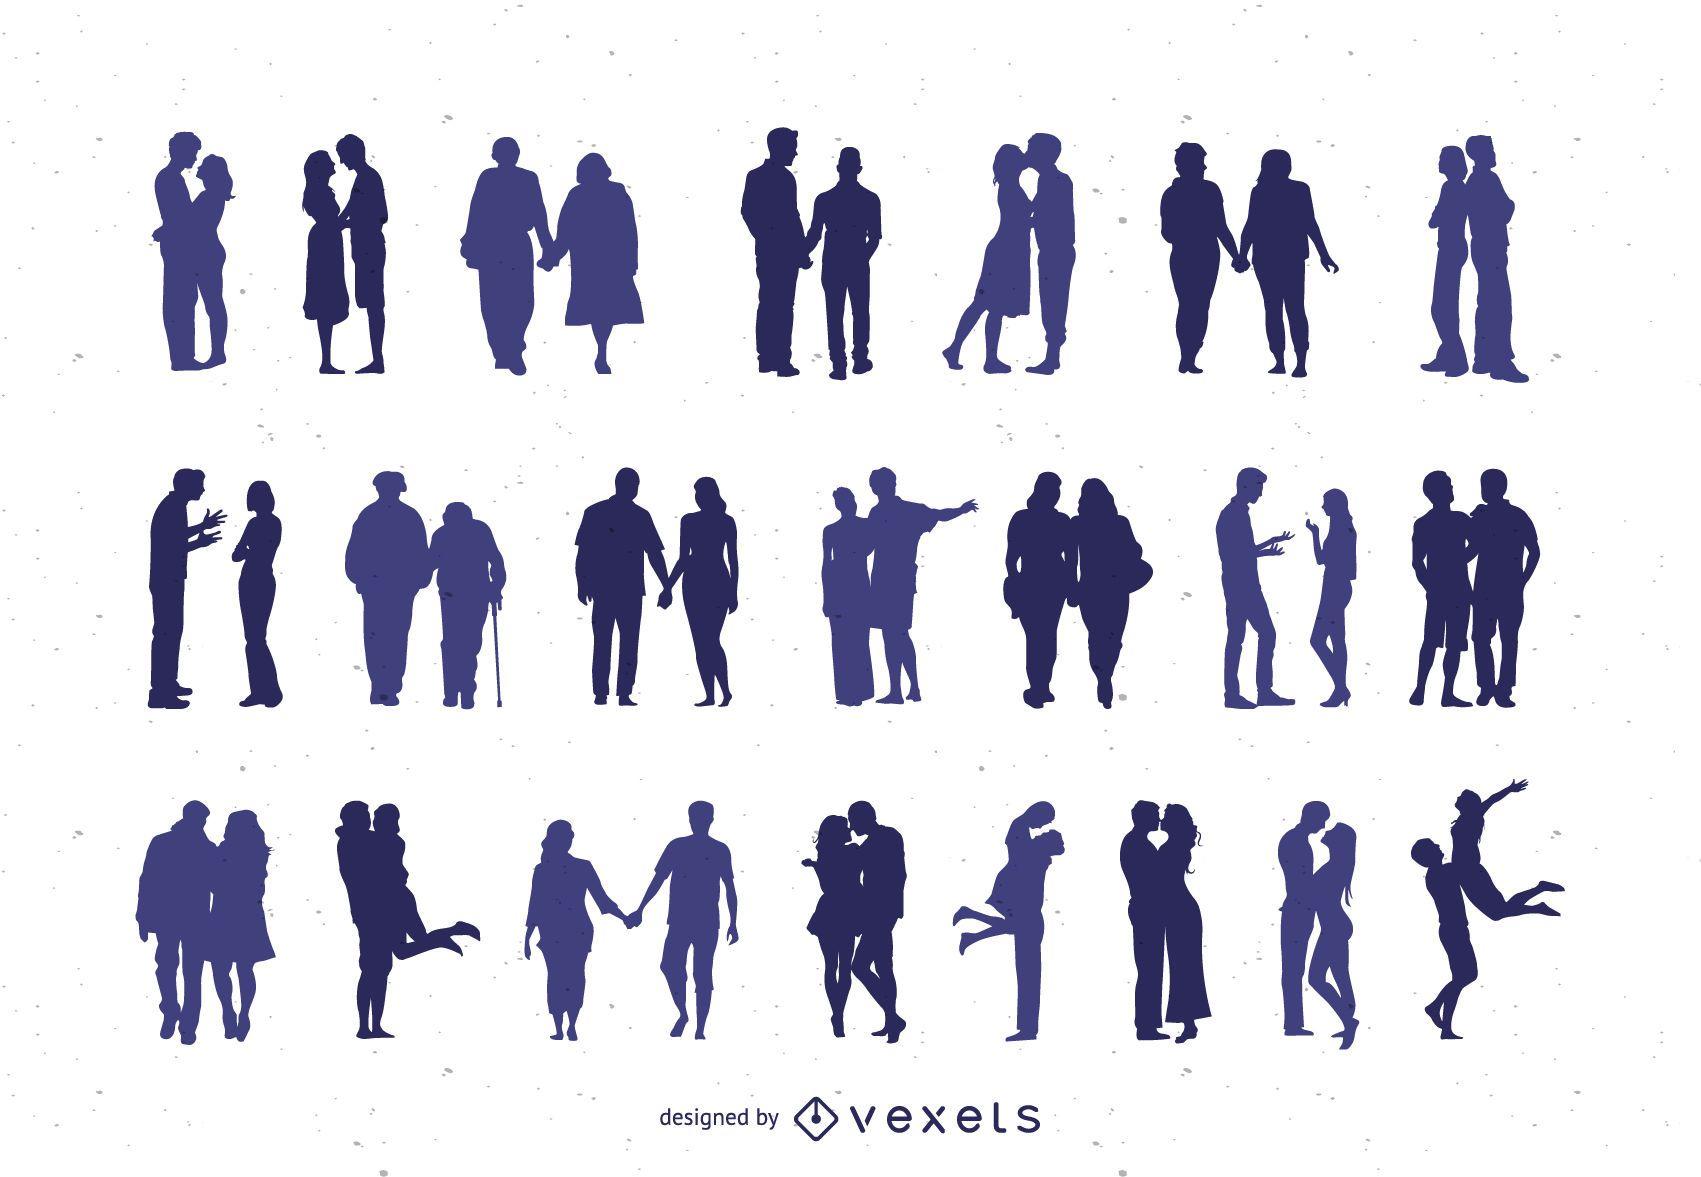 Colección de imágenes prediseñadas de silueta de pareja